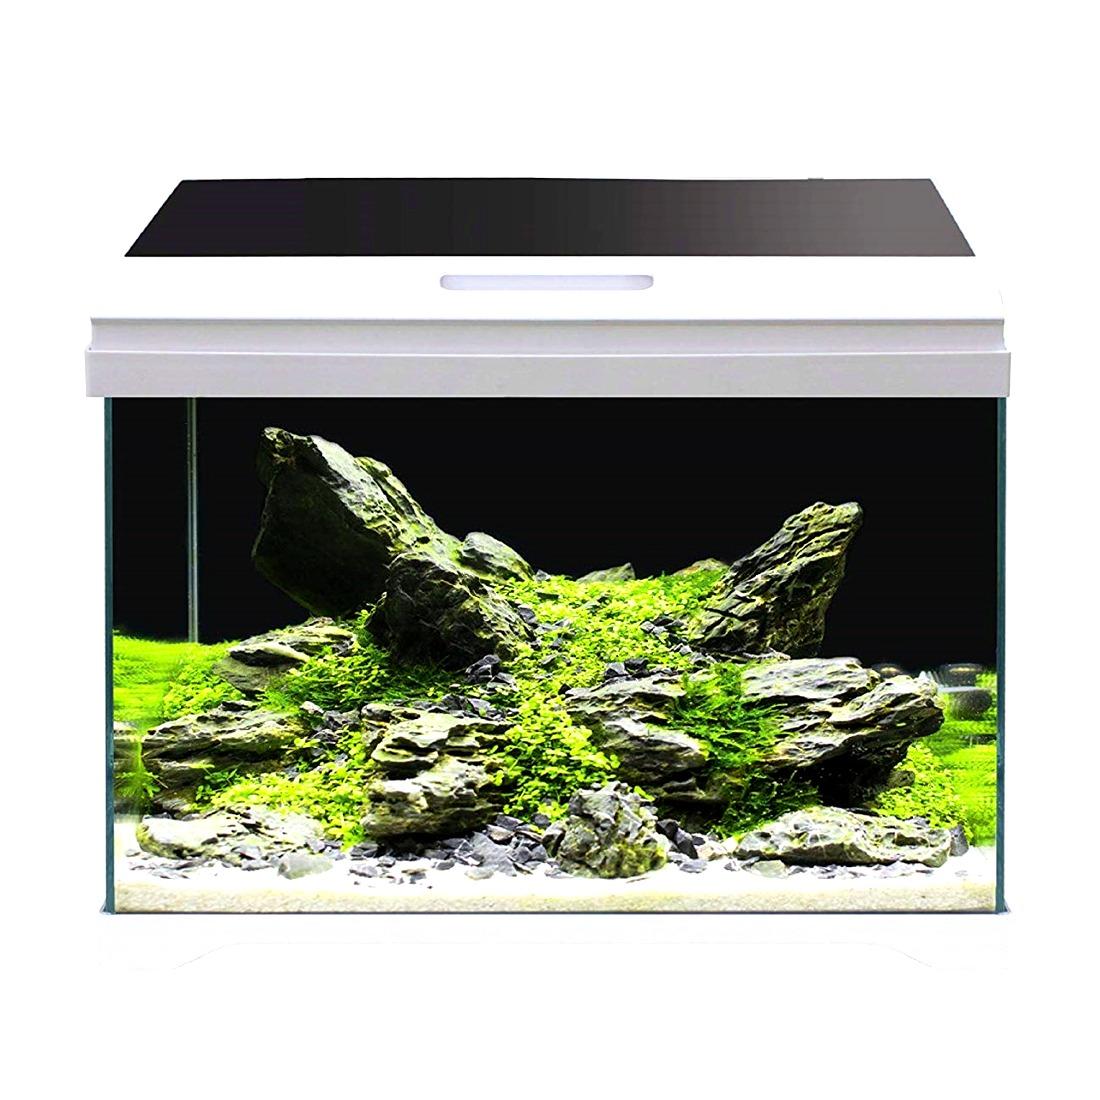 AMTRA Modern Tank 40 LED aquarium équipé 28L dimensions 42,5 x 23,5 x 36,5 cm de haut